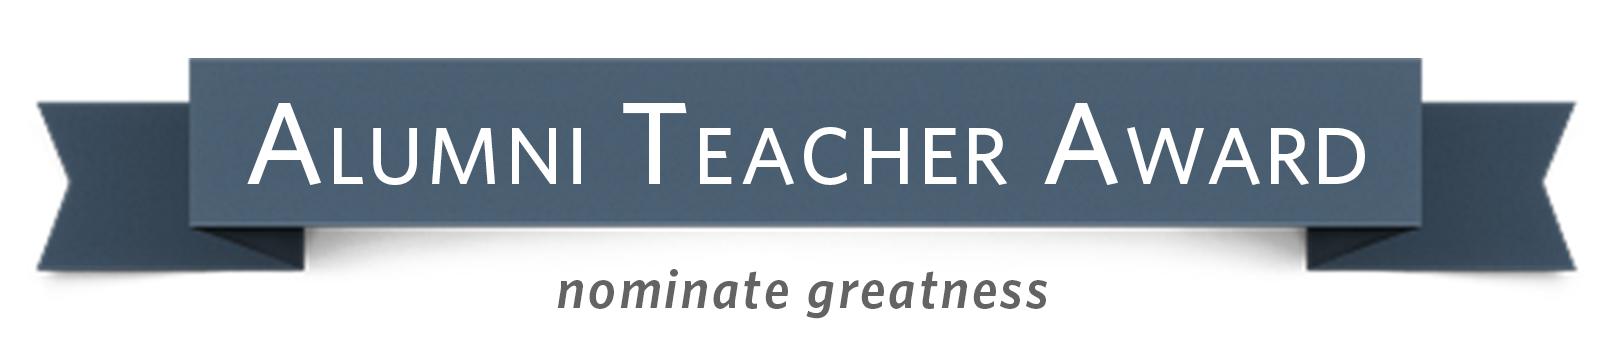 Alumni Teacher Award